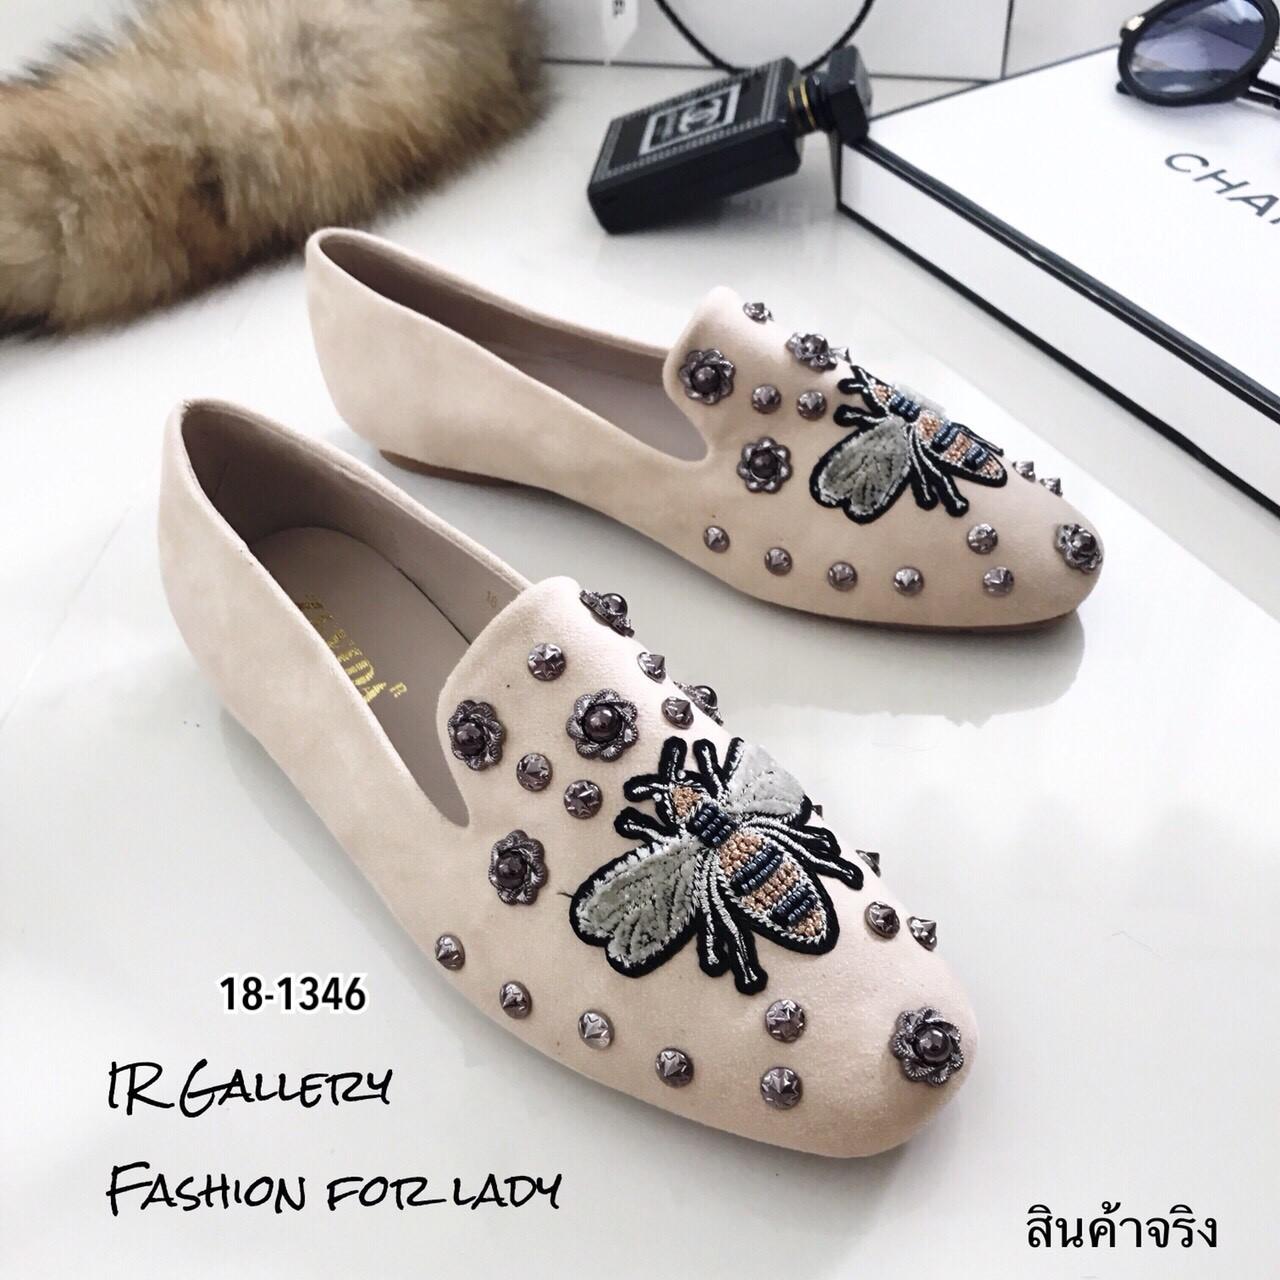 รองเท้าคัทชูทรงสวมปักลายผึ้ง Style Gucci (สีครีม)